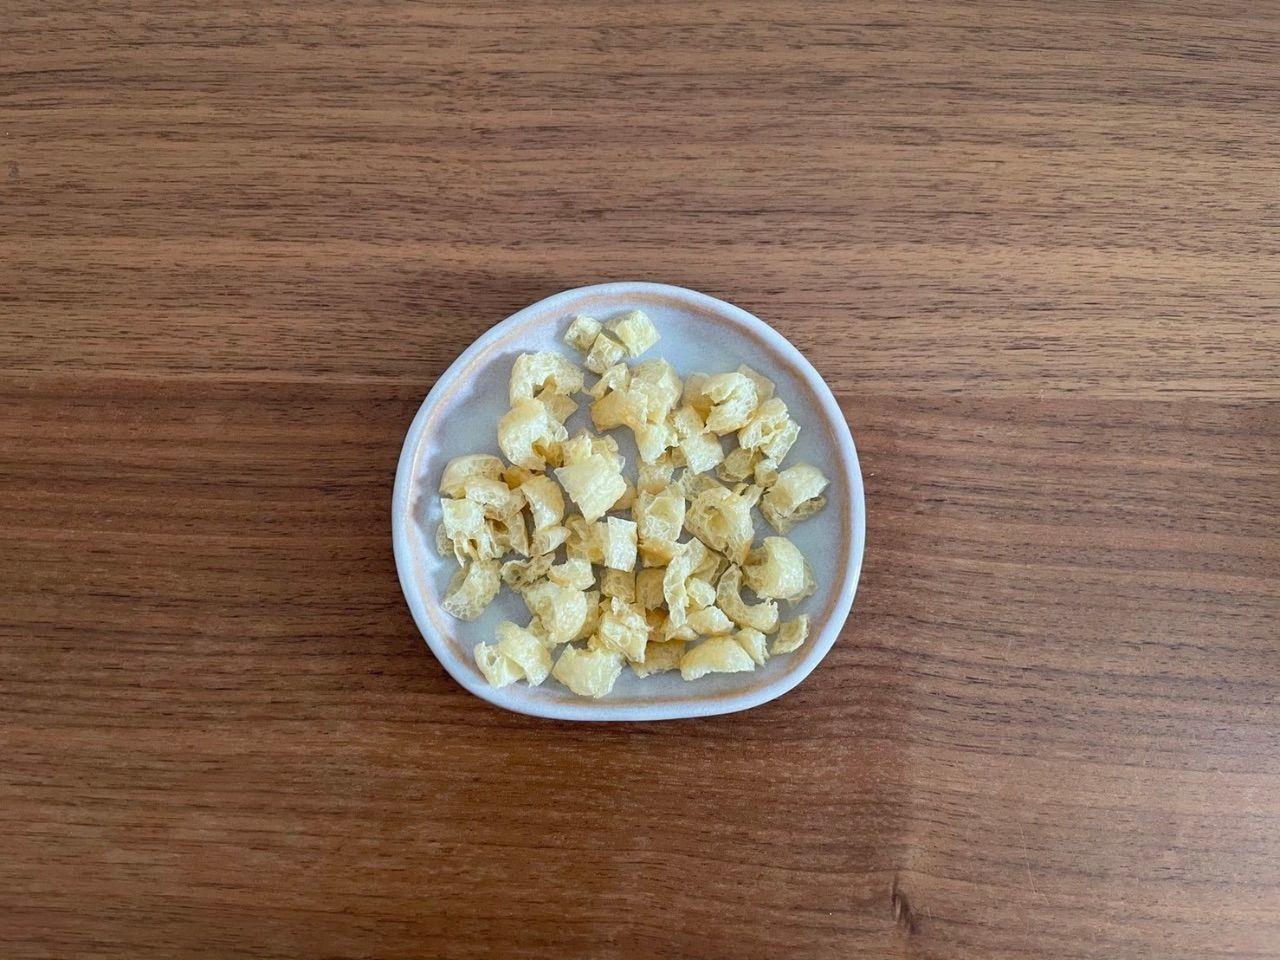 おにぎり オートミール 【冷凍・作り置きOK】オートミールおにぎりレシピ6選!30g